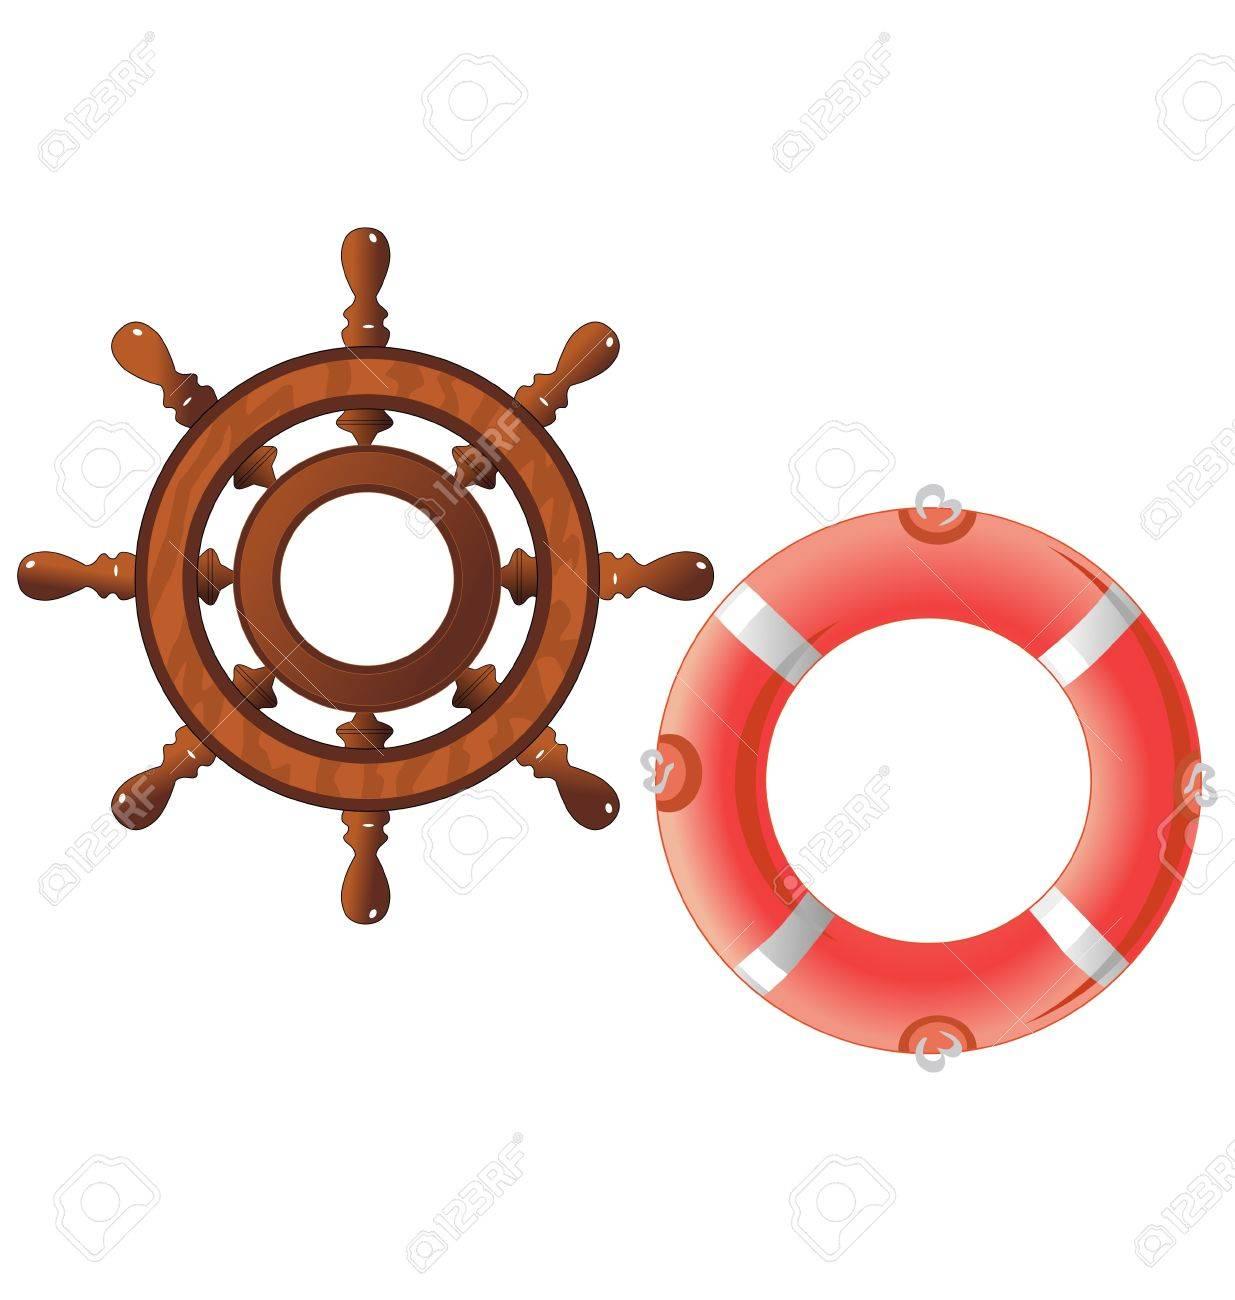 Набор рулевое колесо и спасательный круг Клипарты, векторы, и Набор Иллюстраций Без Оплаты Отчислений. Image 11375947.